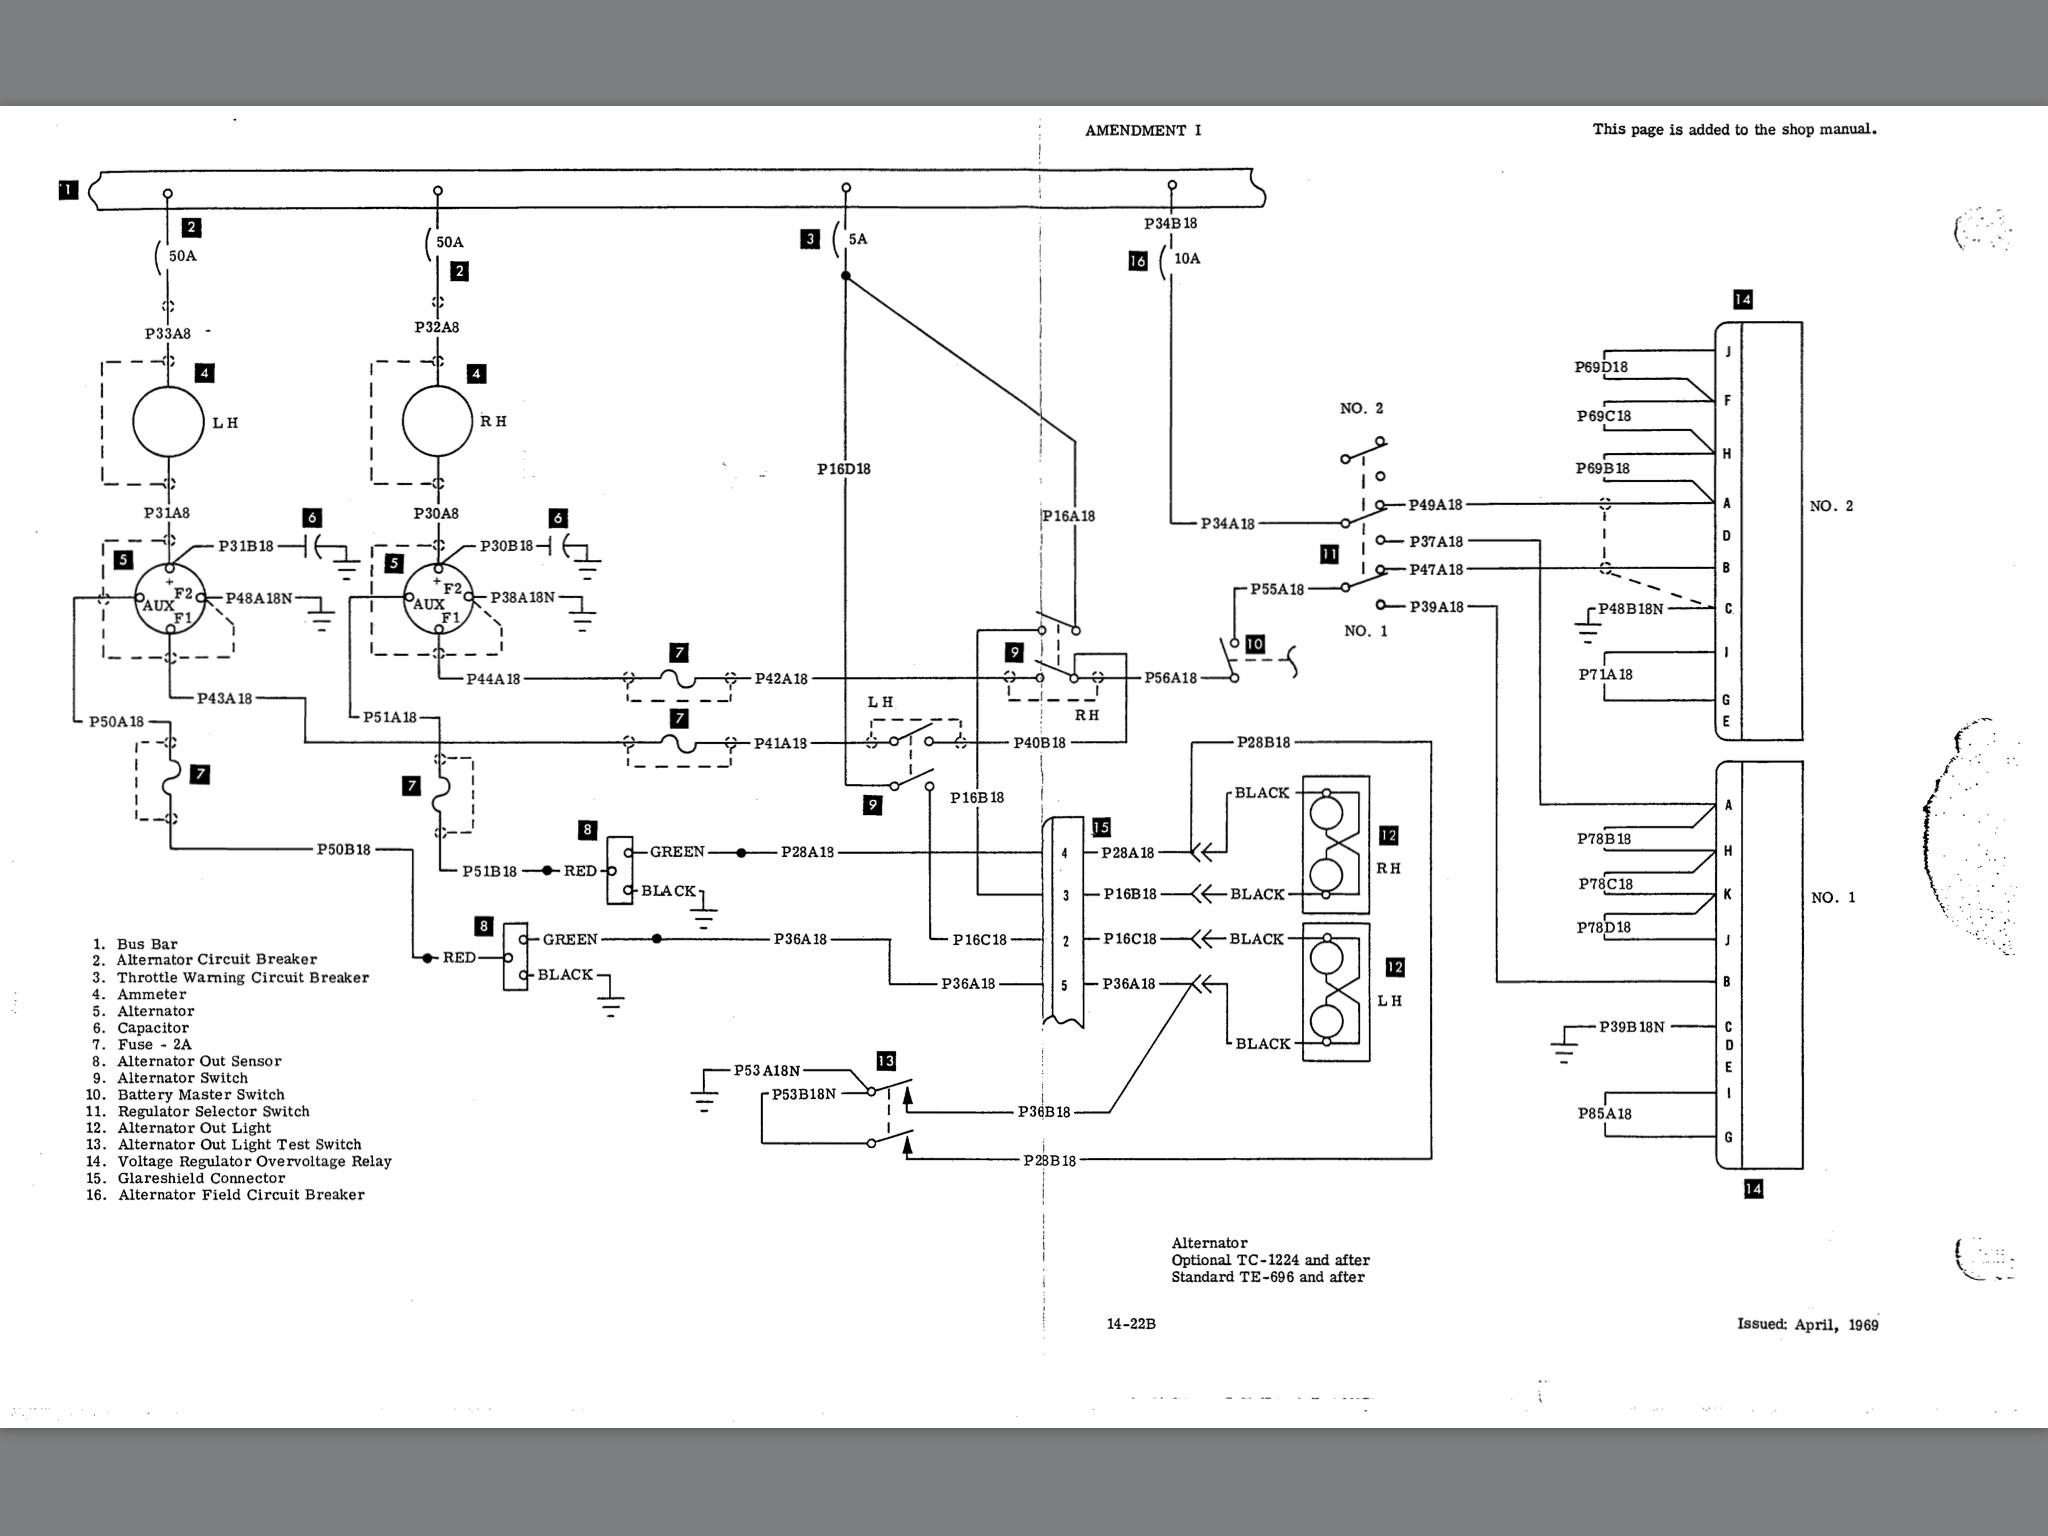 24 Volt Alternator Wiring